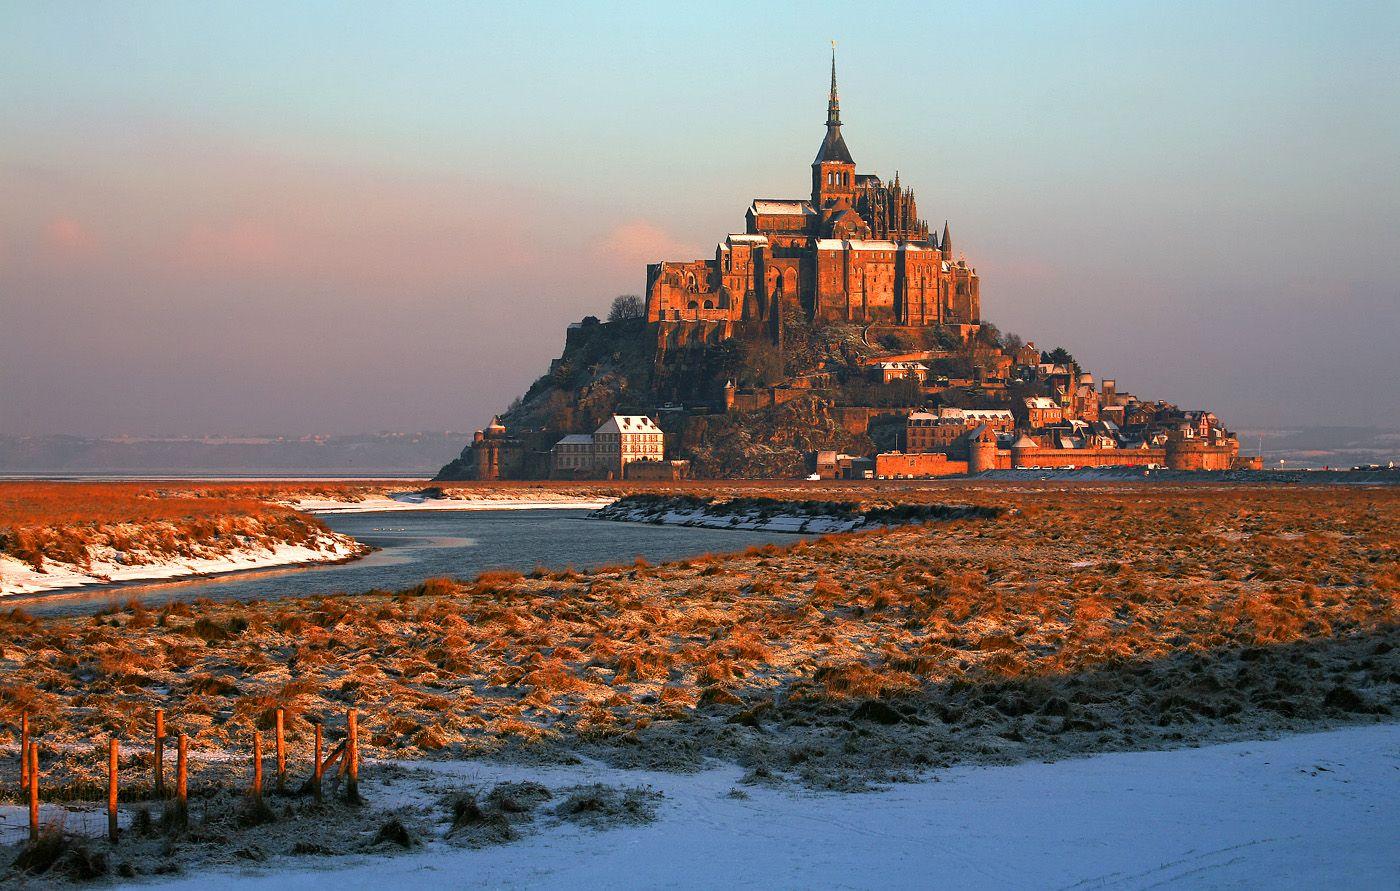 Мон-Сен-Мишель представляет собой скалистый остров, расположенный на границе Бретани и Нормандии в 400 км к северо-западу от Парижа. Это гранитная скала примерно 930 м в диаметре и высотой 92 м над уровнем моря. На ее вершине располагается монастырь и собор, посвященный архангелу Михаилу. Аббатство действует до сих пор, в нем постоянно проживает около 50 монахов-бенедиктинцев.